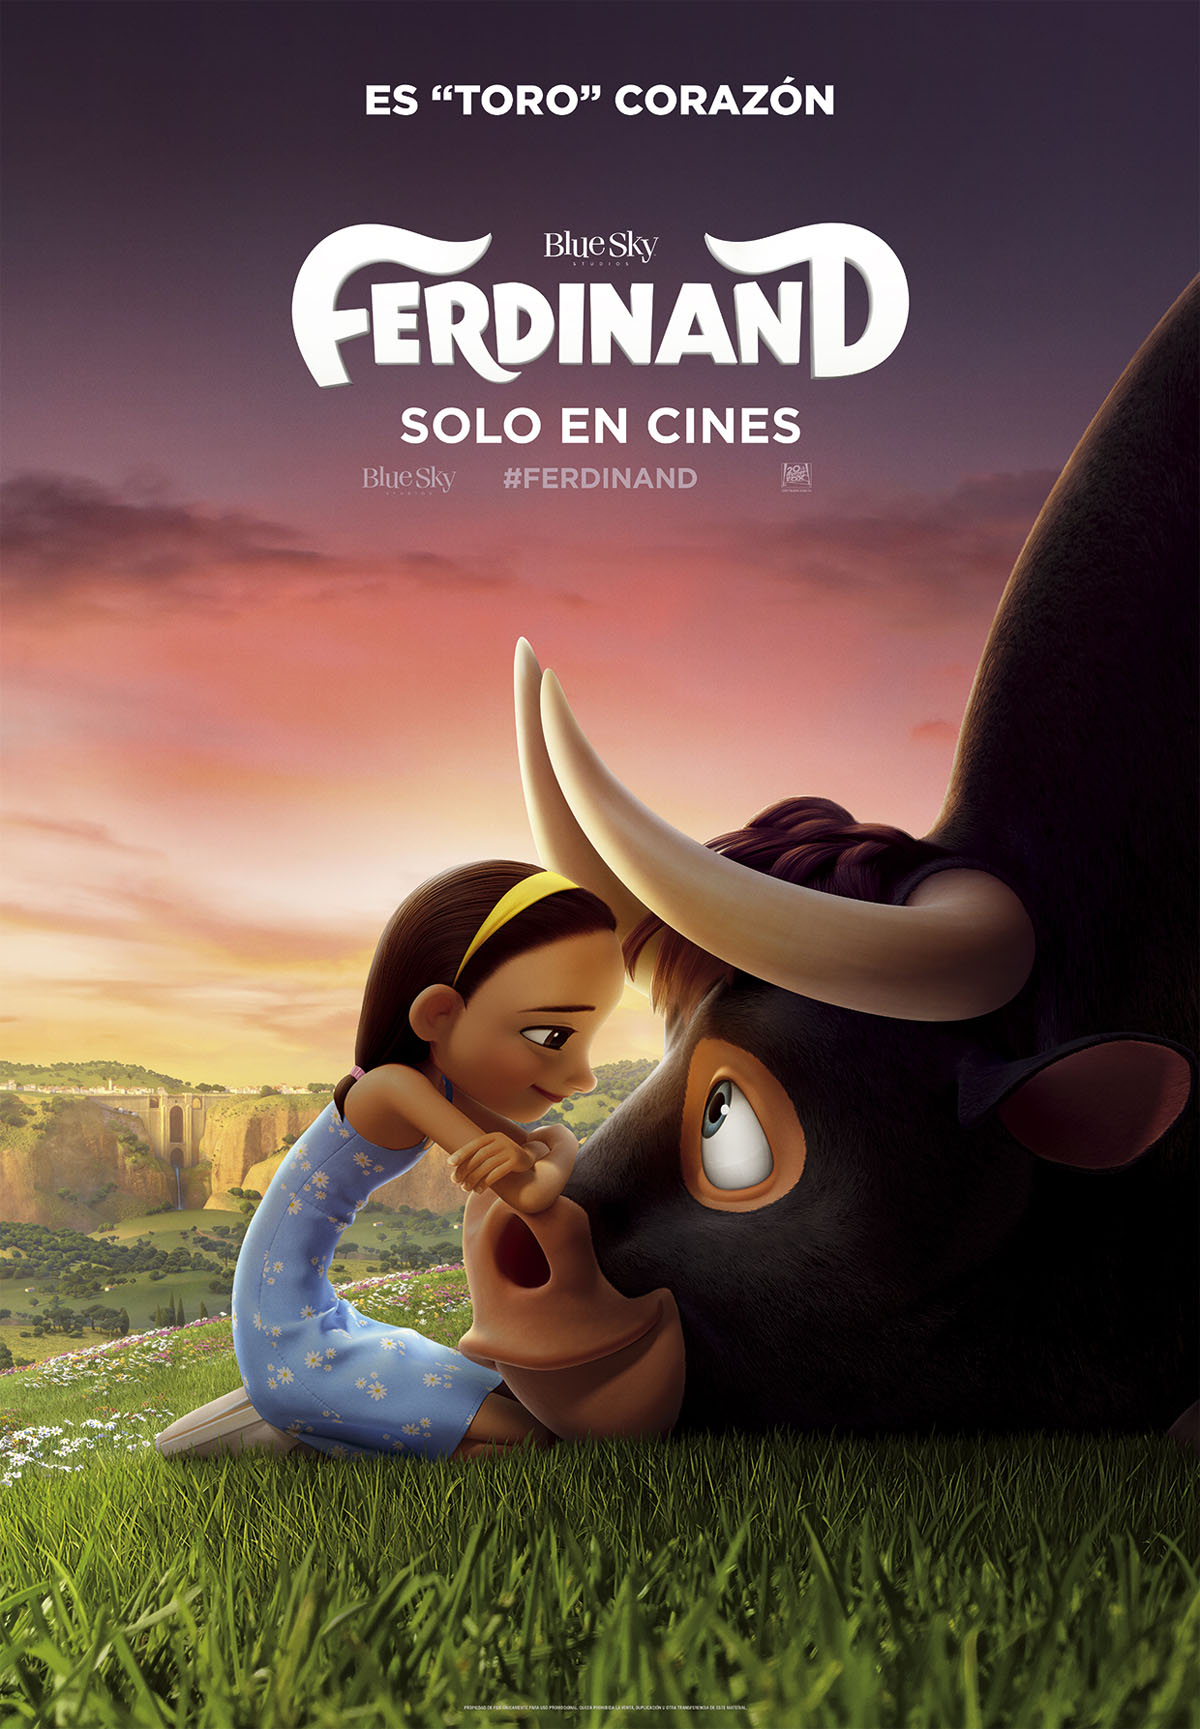 Resultado de imagen de FERDINAND 2017 CARTEL ESPAÑOL